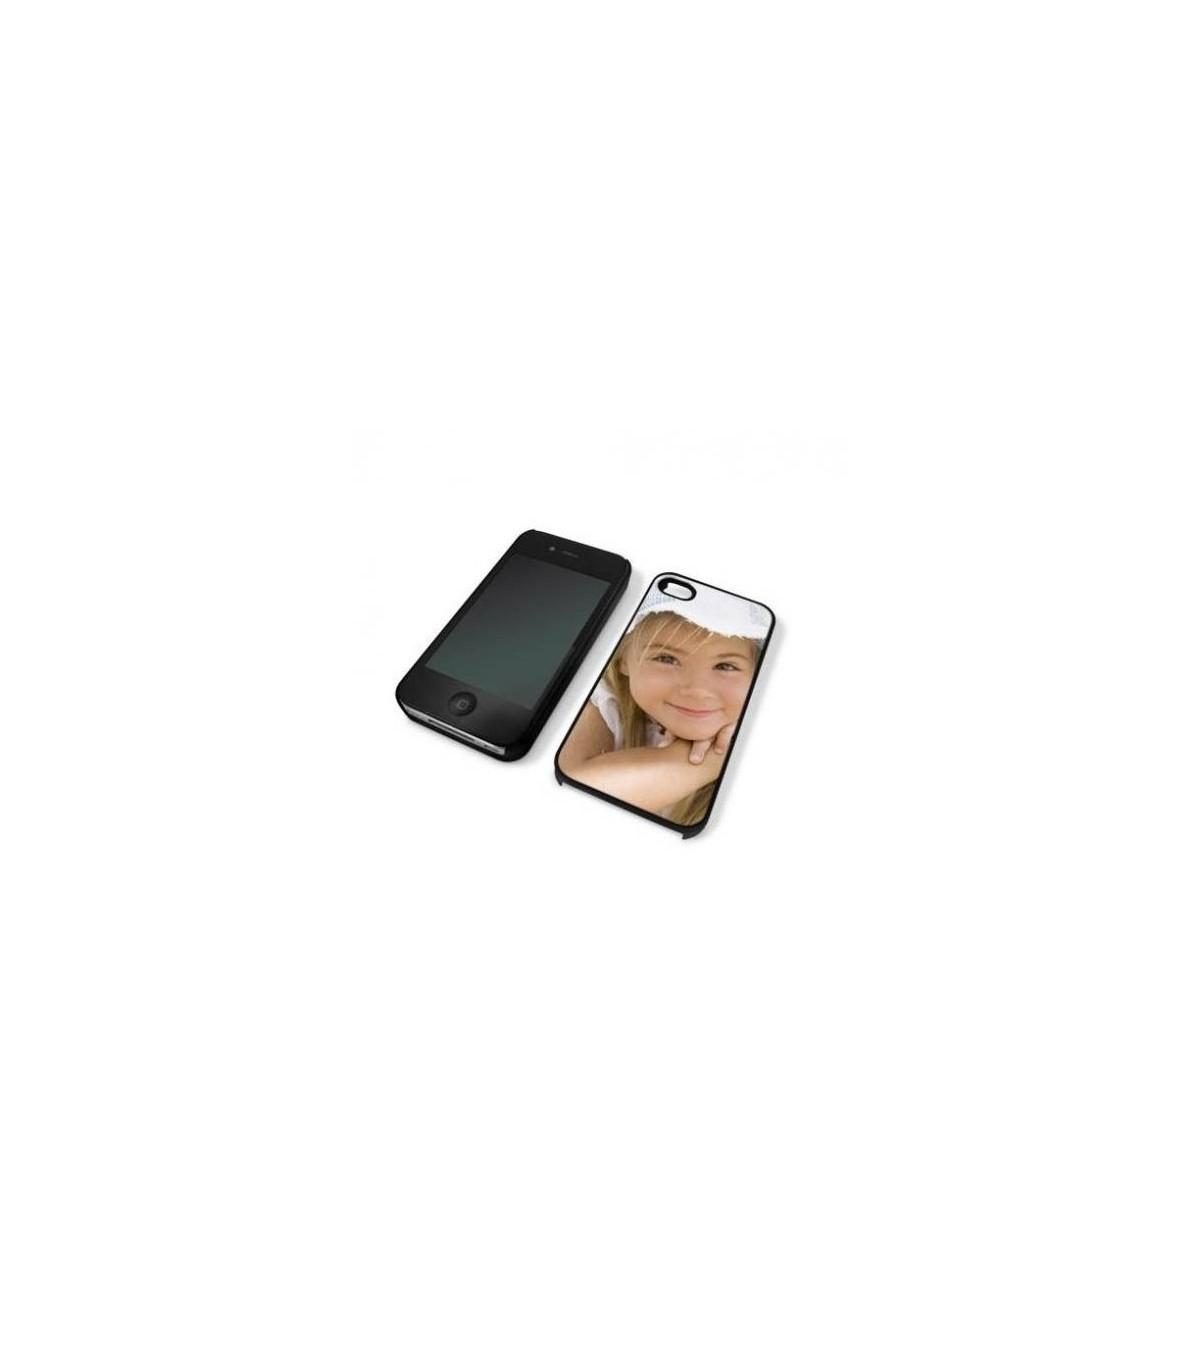 Coque iphone personnalisée, idée cadeau téléphone coque pers